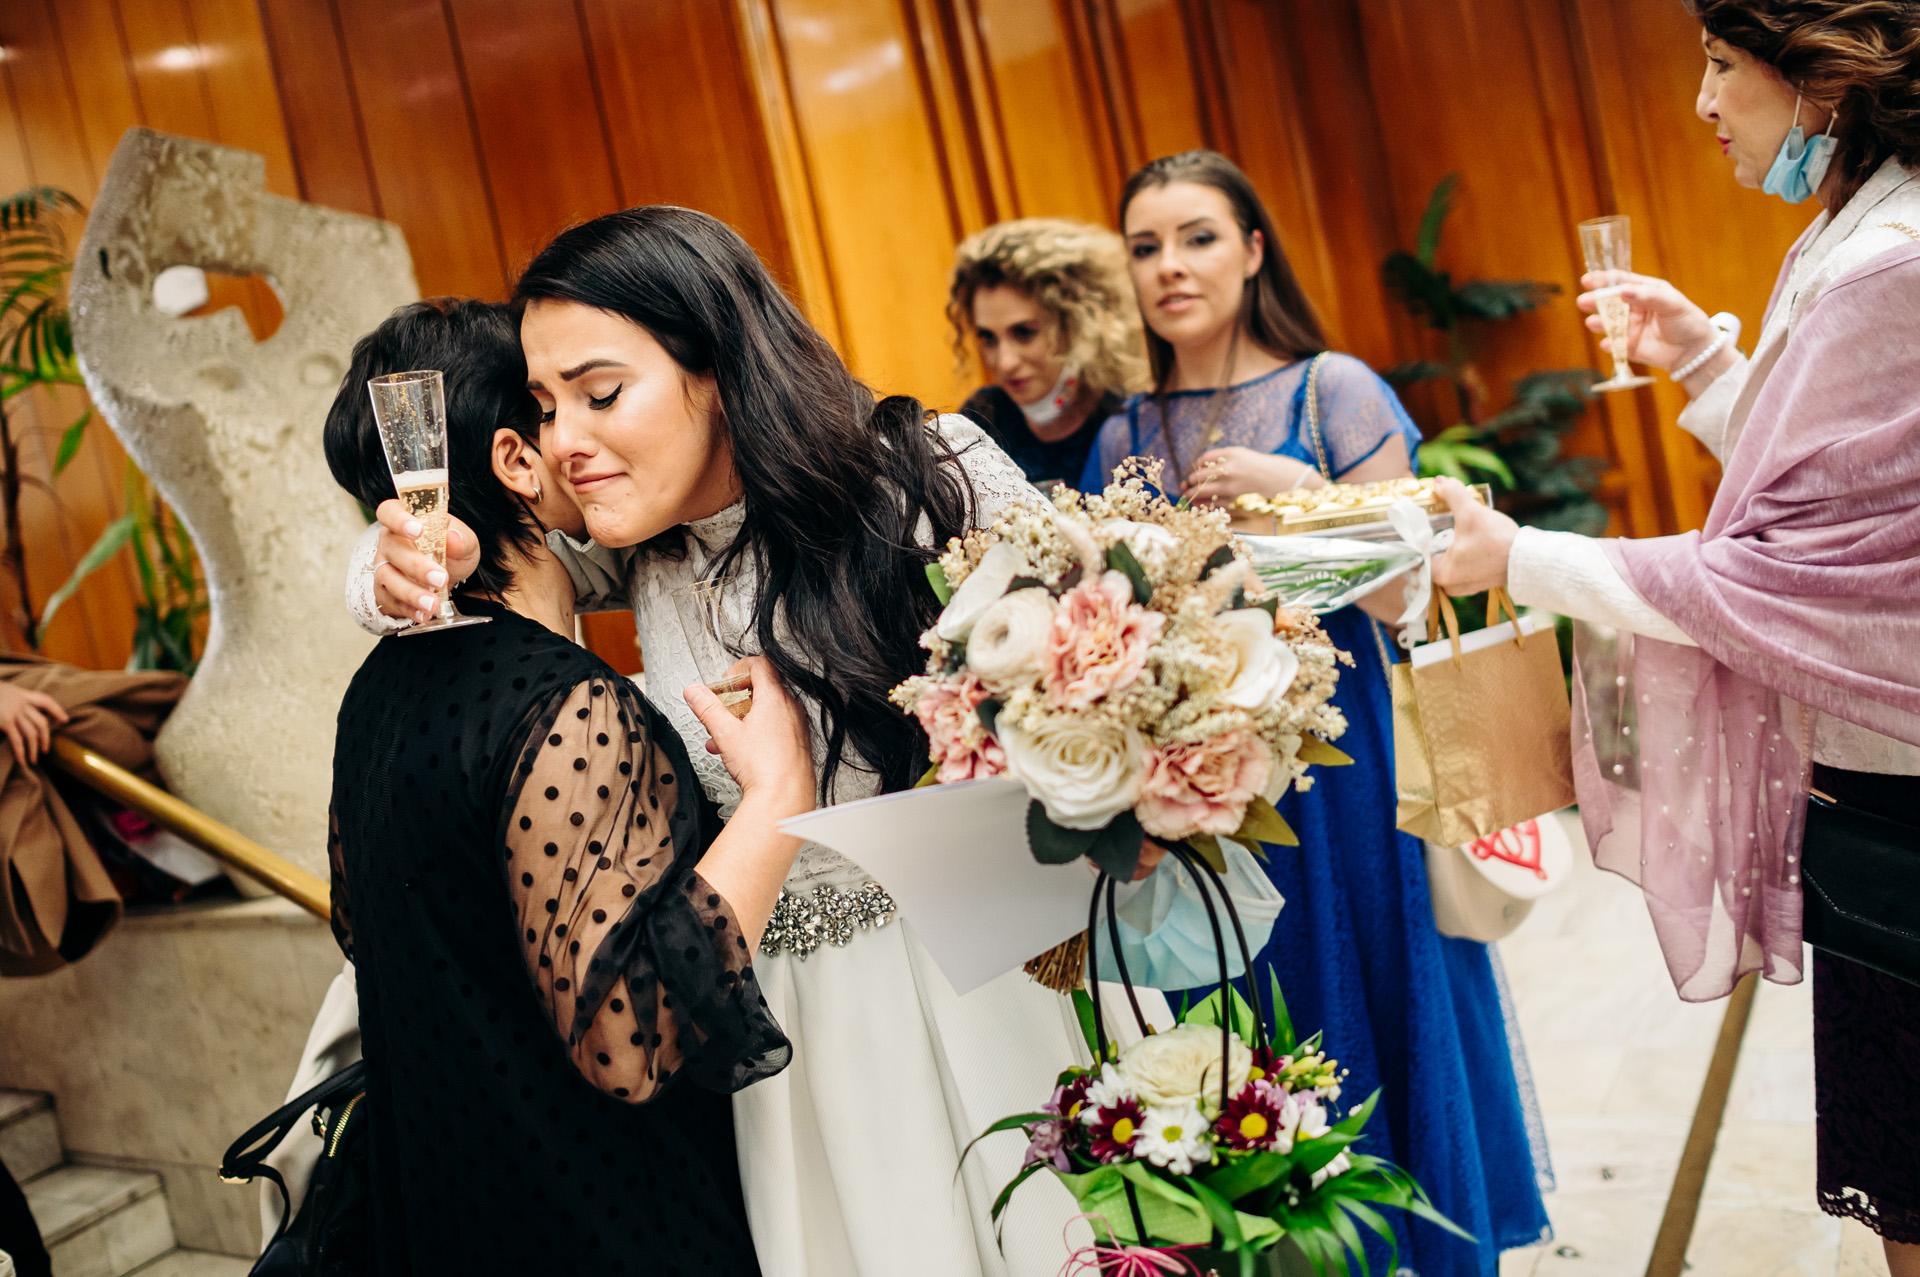 Sofia, Bulgaria - Ritual Hall Vitosha Wedding Image | The bride and her mother share a tender hug